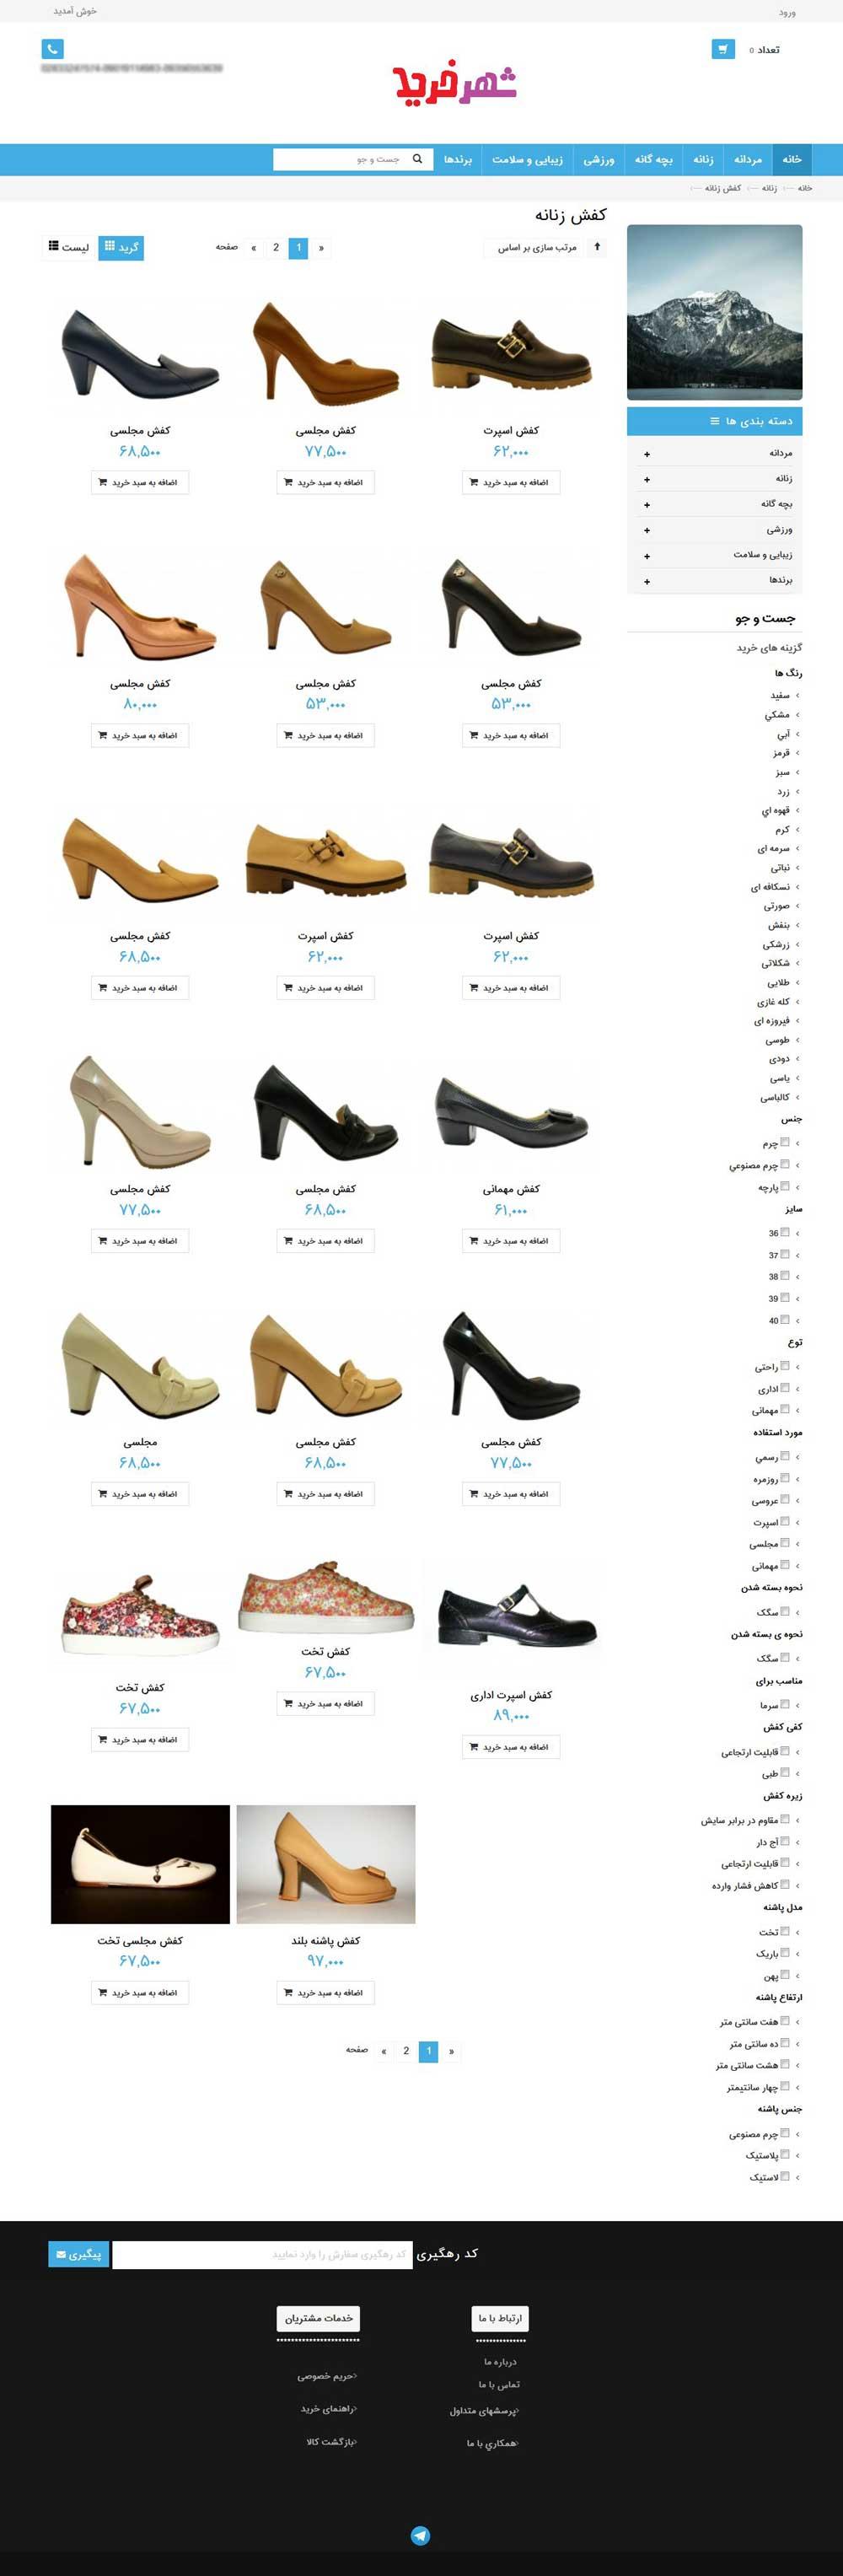 ساخت اپلیکیشن و وب سایت فروشگاه اینترنتی پوشاک و کفش 2